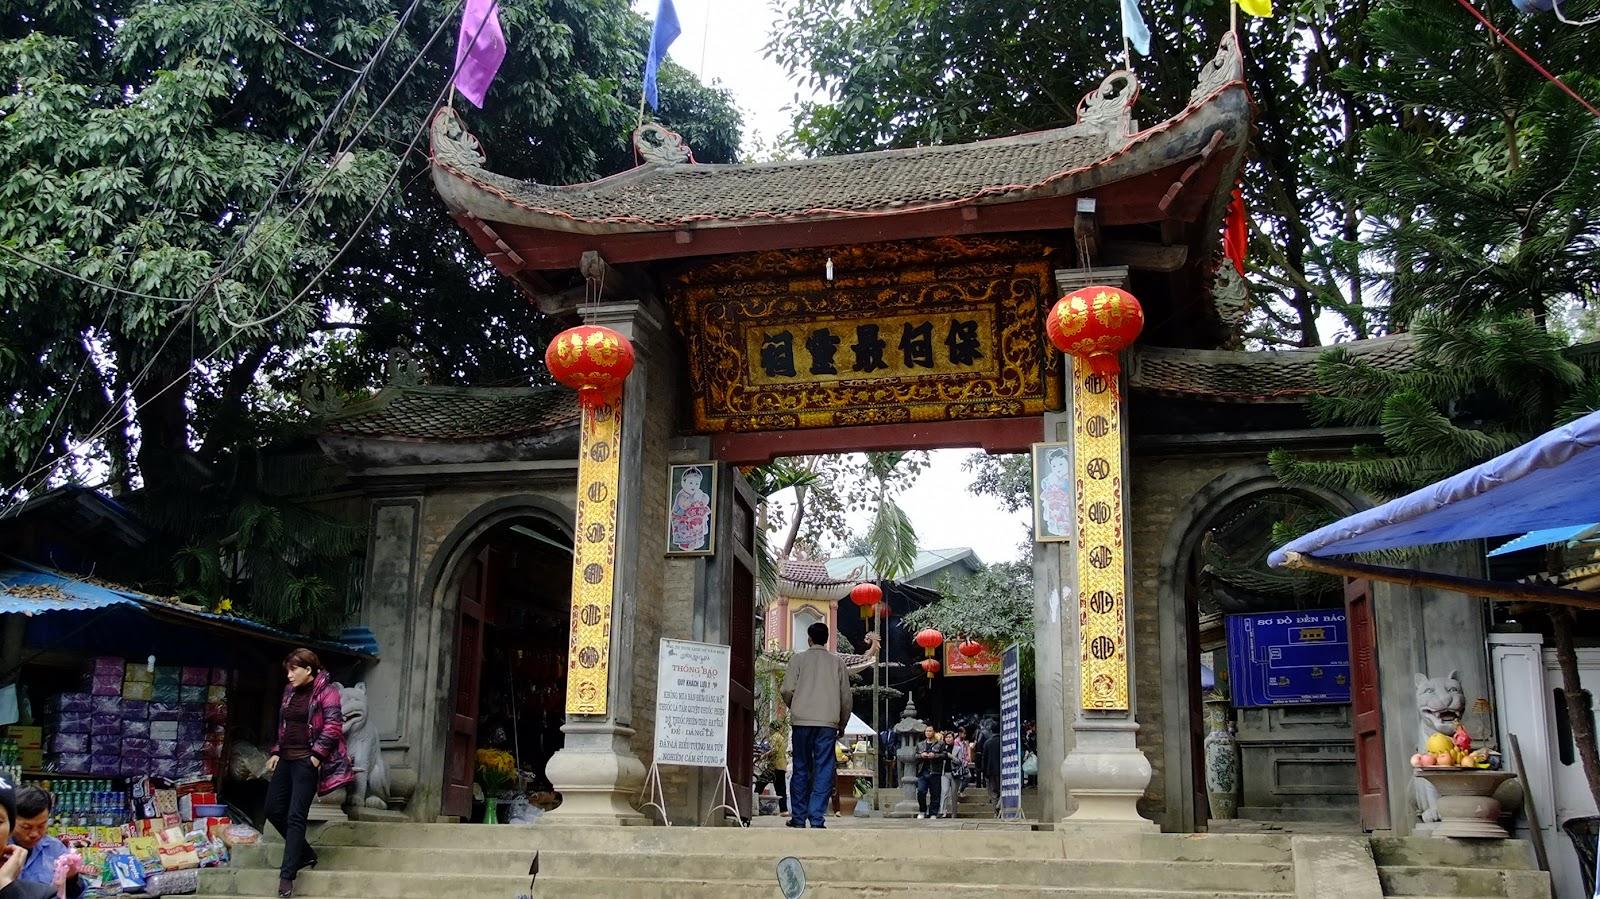 Cổng đền ông Hoàng Bảy tại Bảo Hà, Lào Cai ngày nay